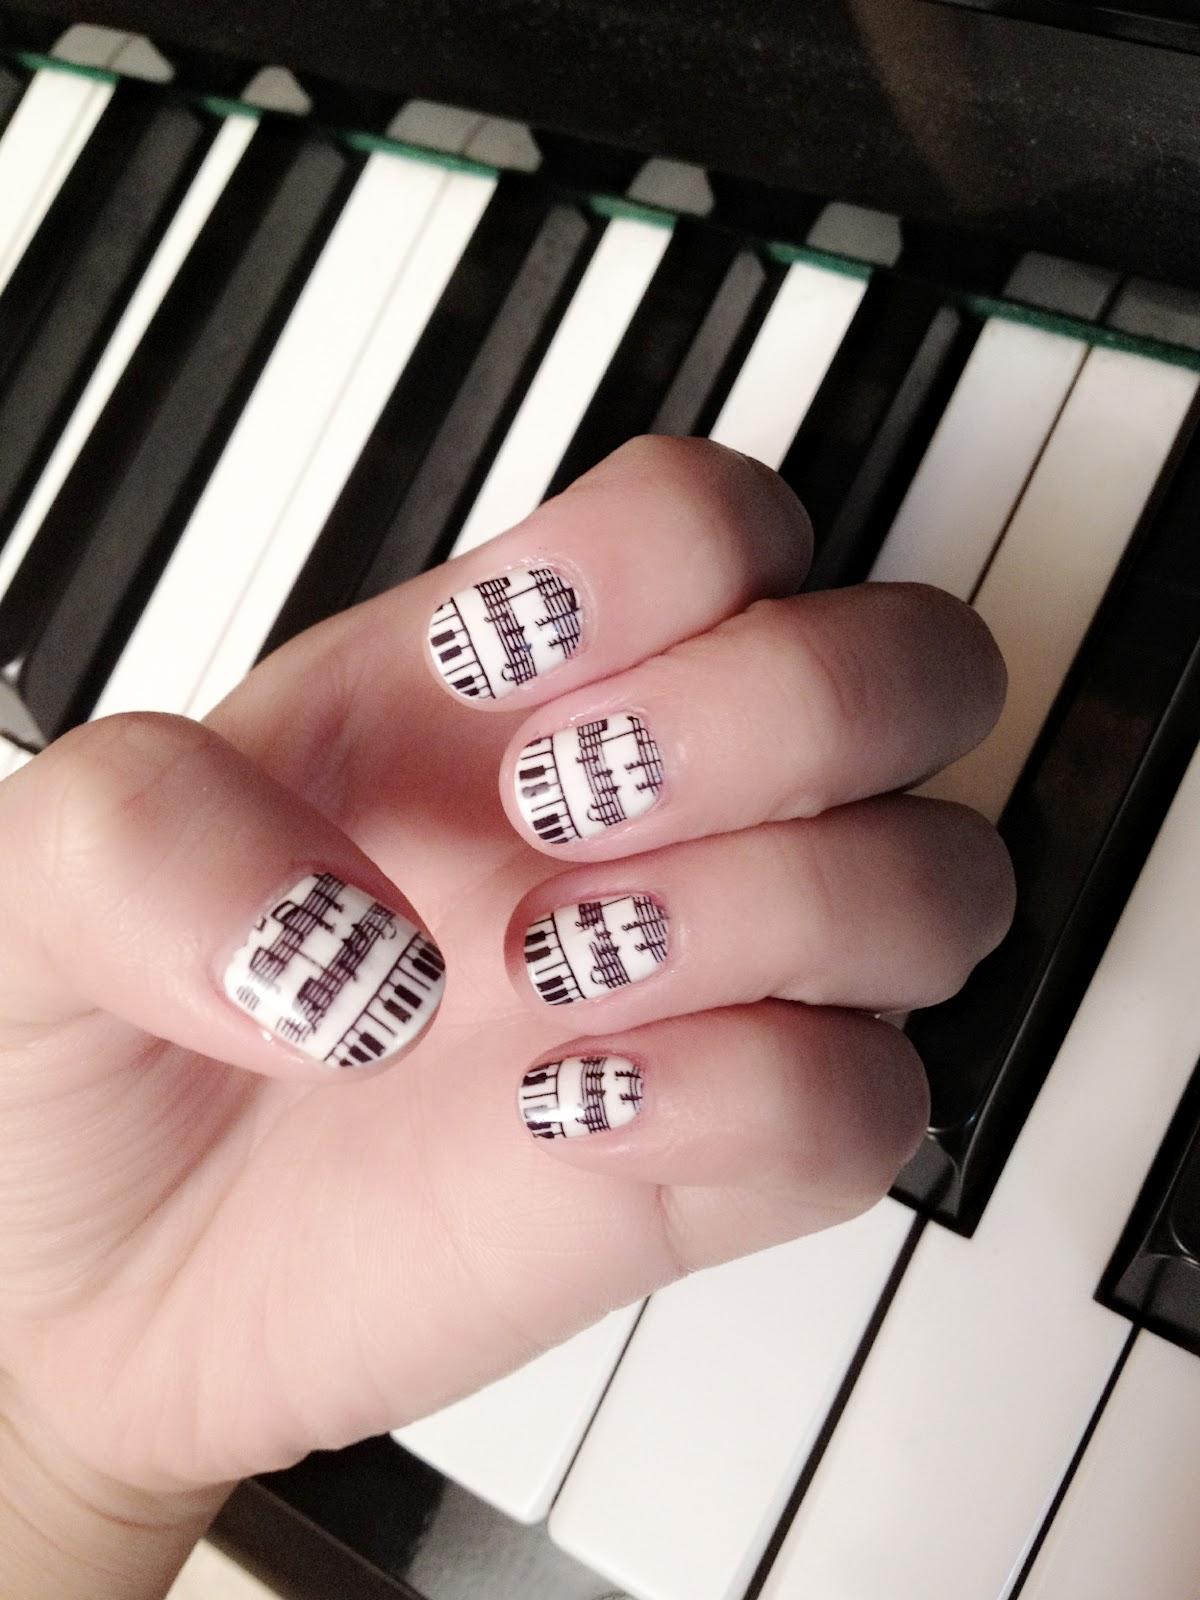 Sharp as nails a nail art blog music inspired nail art music inspired nail art prinsesfo Gallery